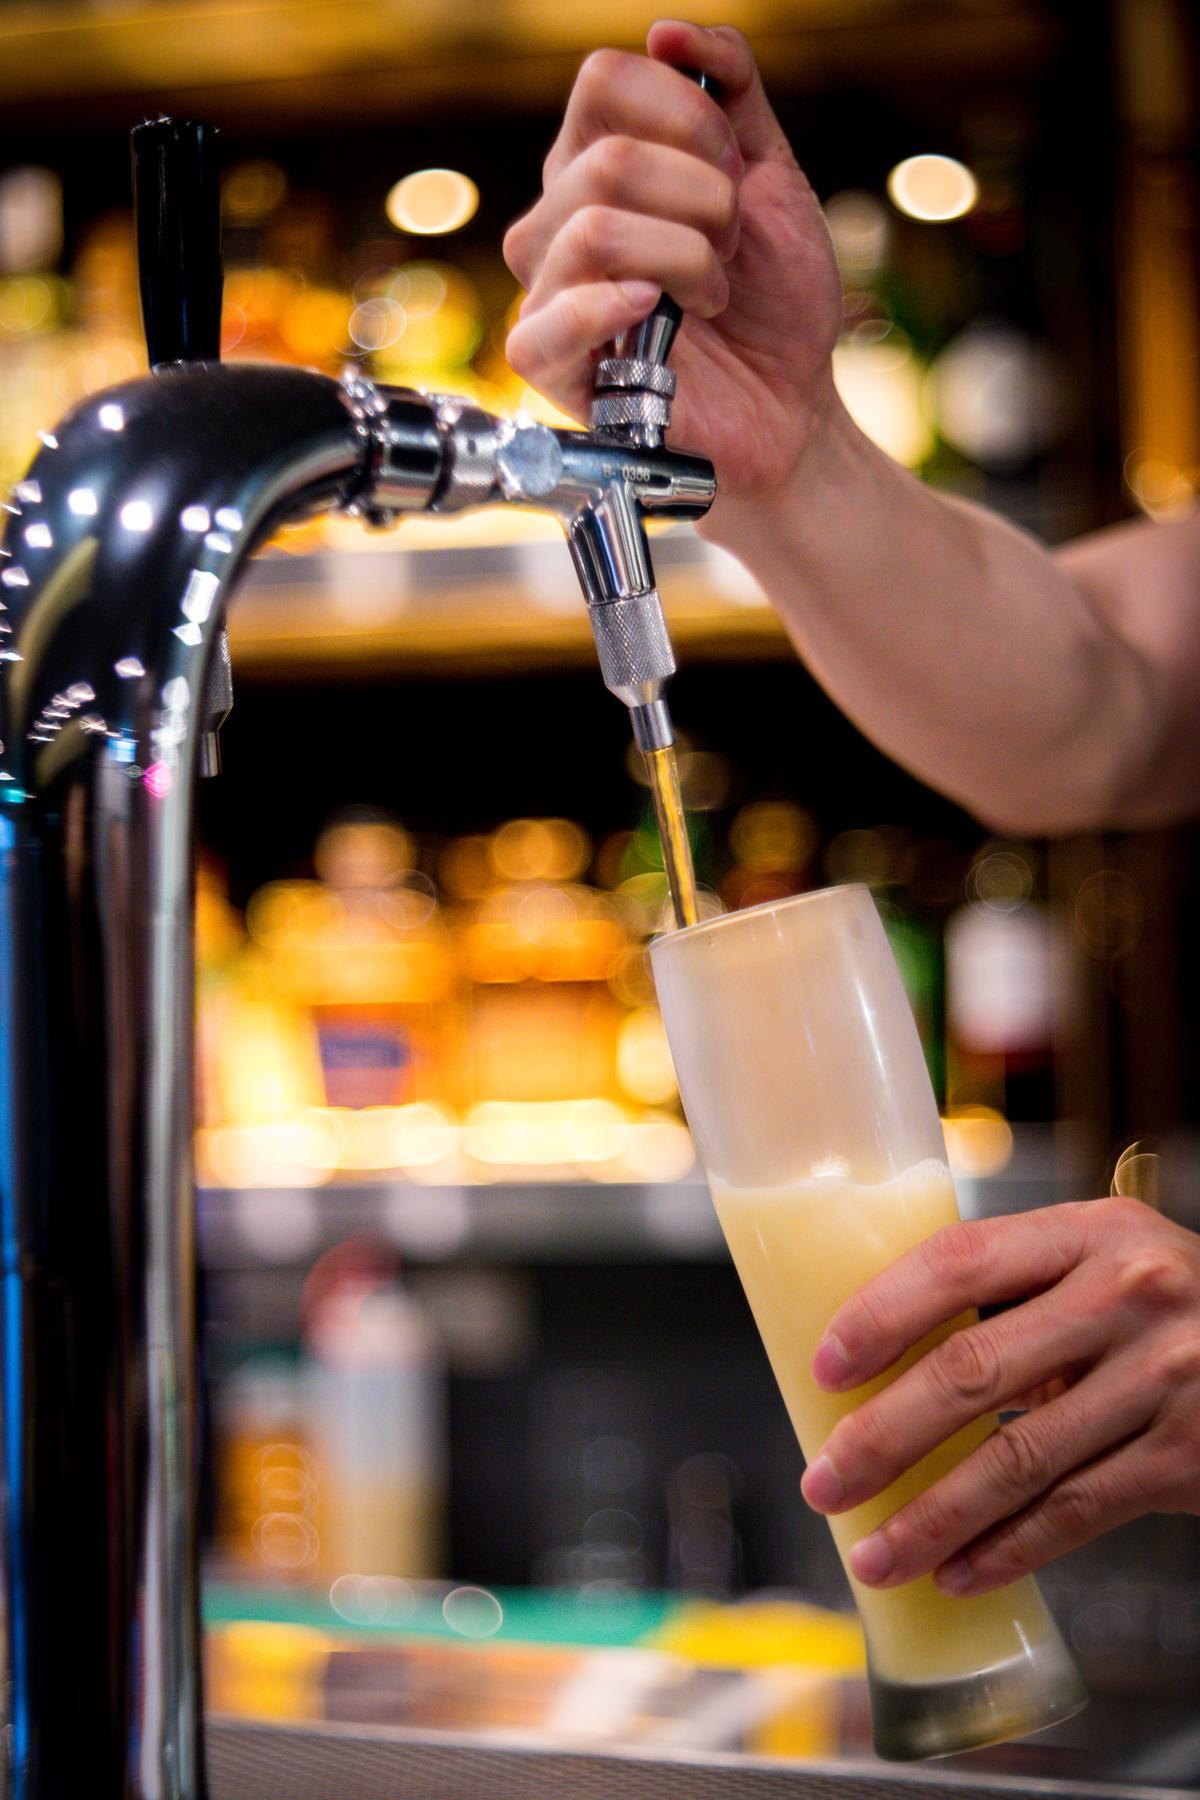 「氮泡玫瑰冷翠茶」有如啤酒般的濃厚泡沫,十分清香。(150元/杯)